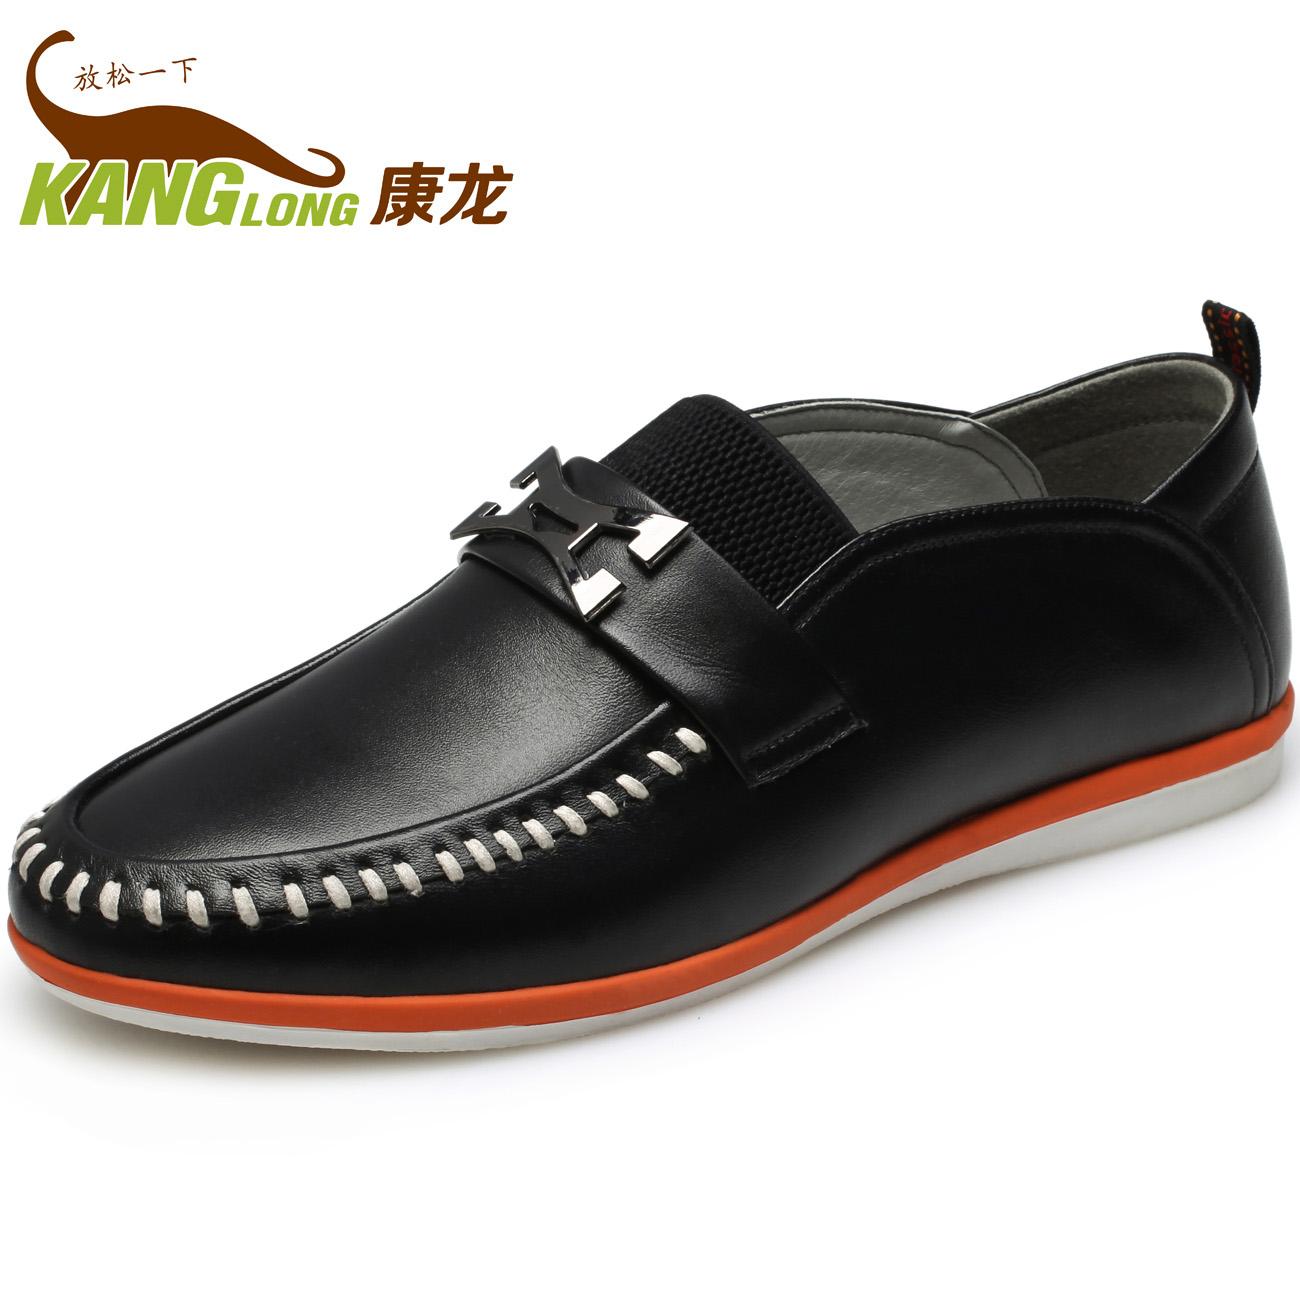 正品 奥康旗下品牌康龙2013新品休闲单鞋 纳帕纹 时尚